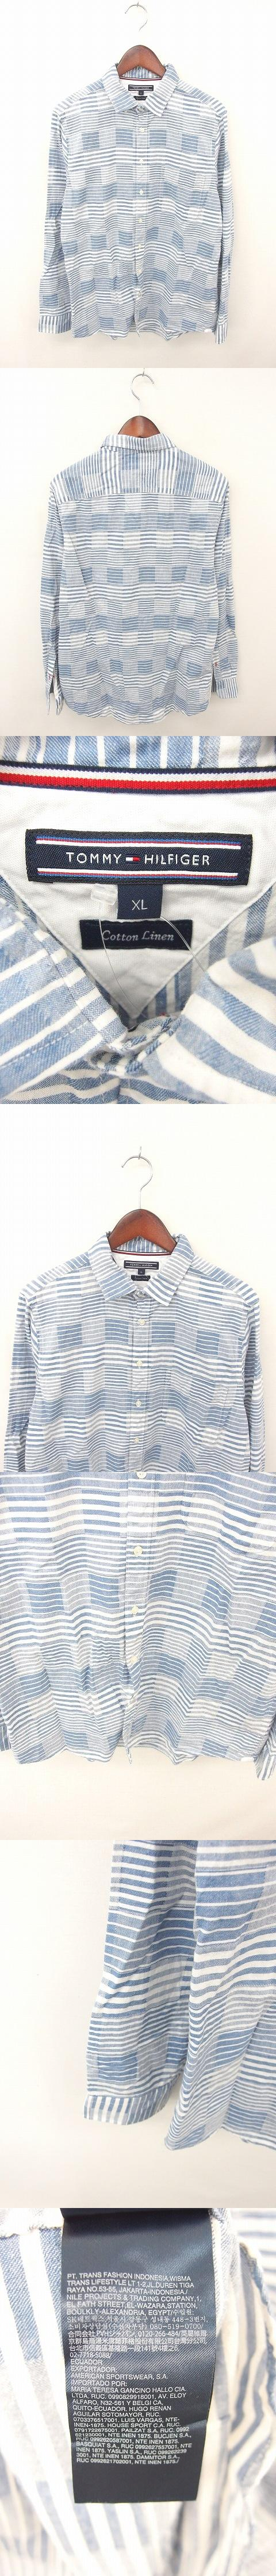 国内正規品 シャツ ボーダー カジュアル 綿 コットン 麻 リネン混 長袖 XL 紺 白 ネイビー ホワイト /TT18